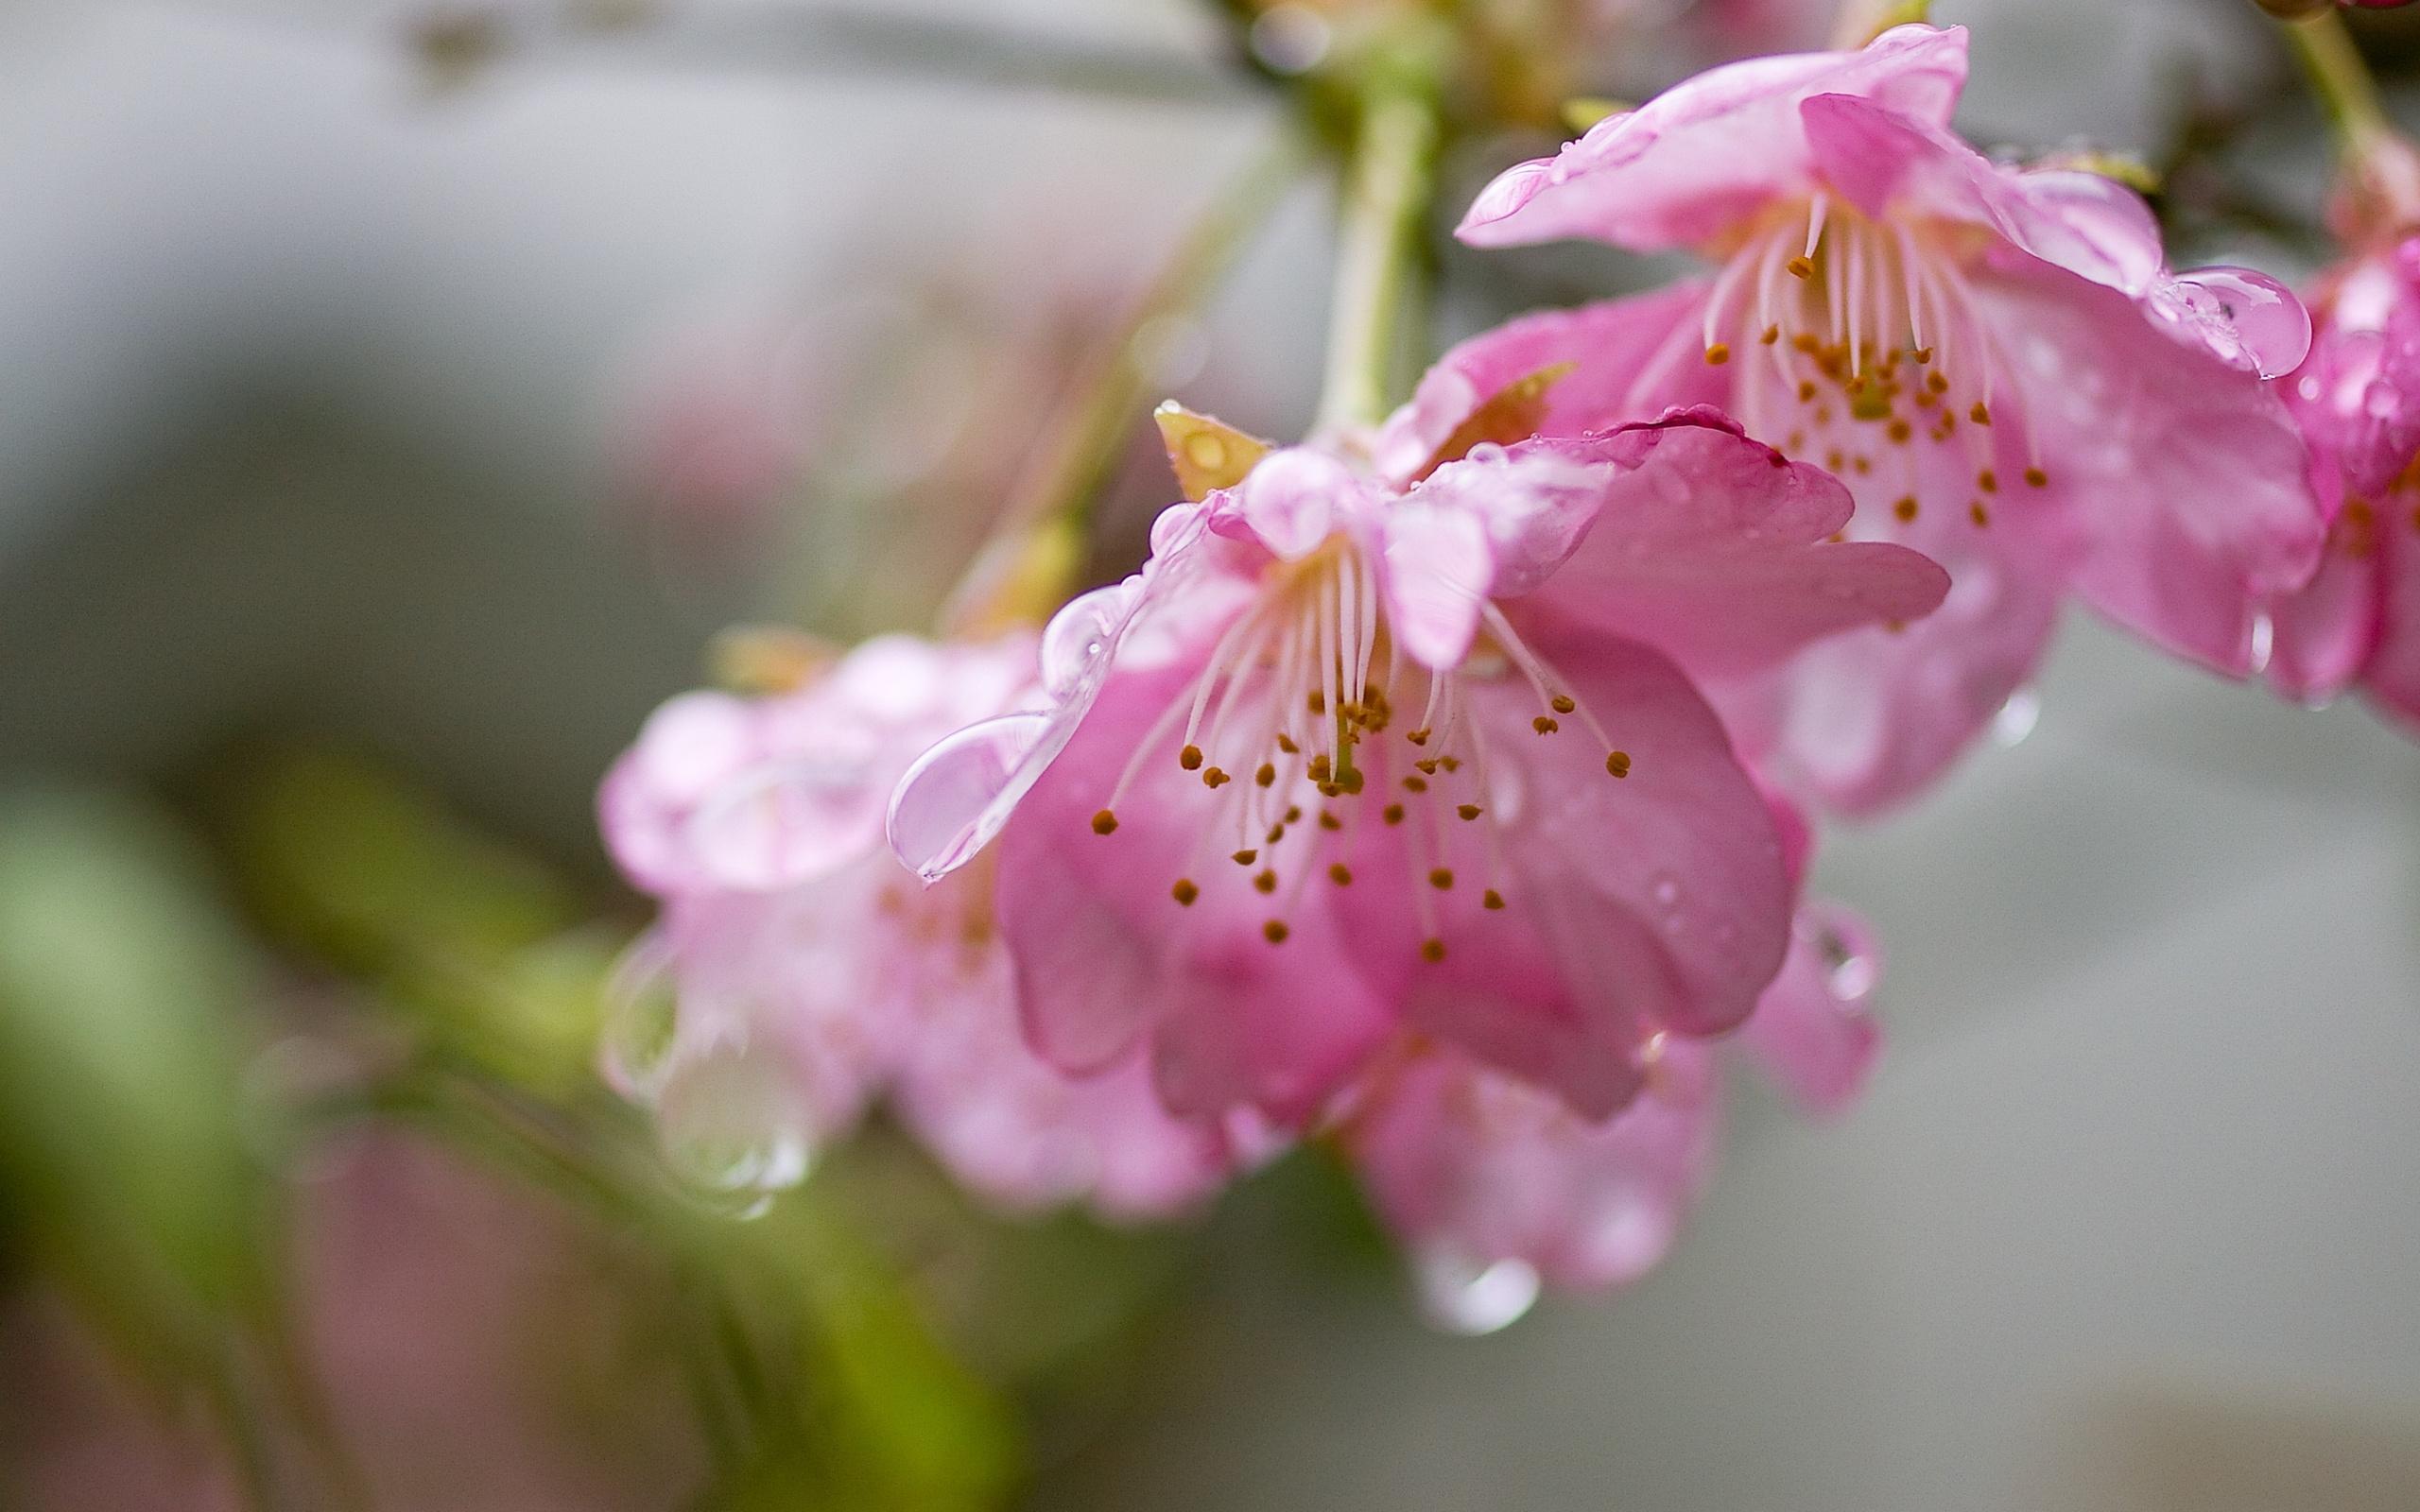 пережил весна картинки красивые розовые отлив